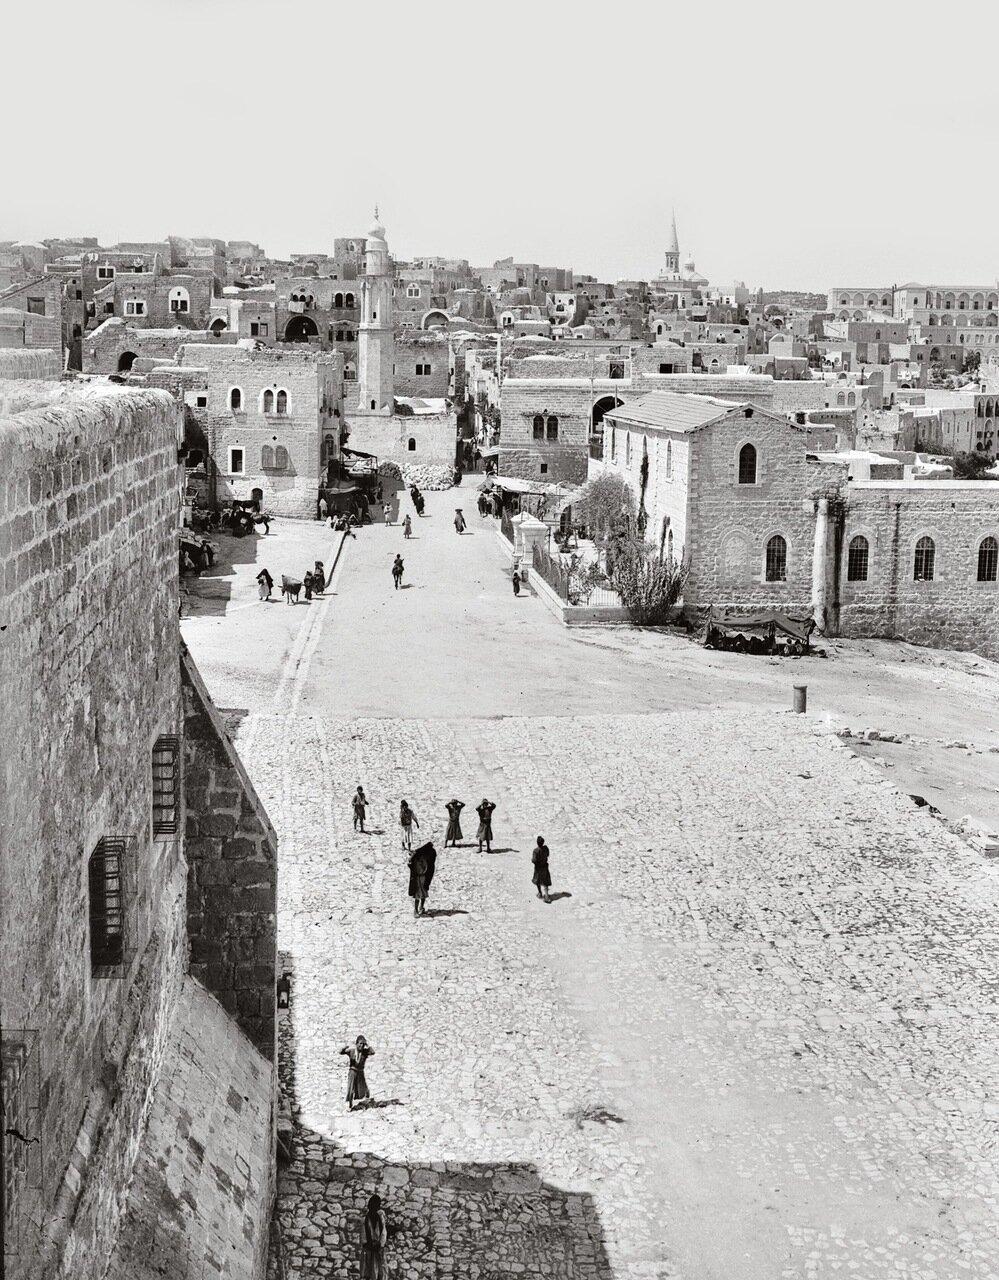 Вид Вифлеема от церкви Рождества Христова. Вифлеем, Палестина. 1900-1920